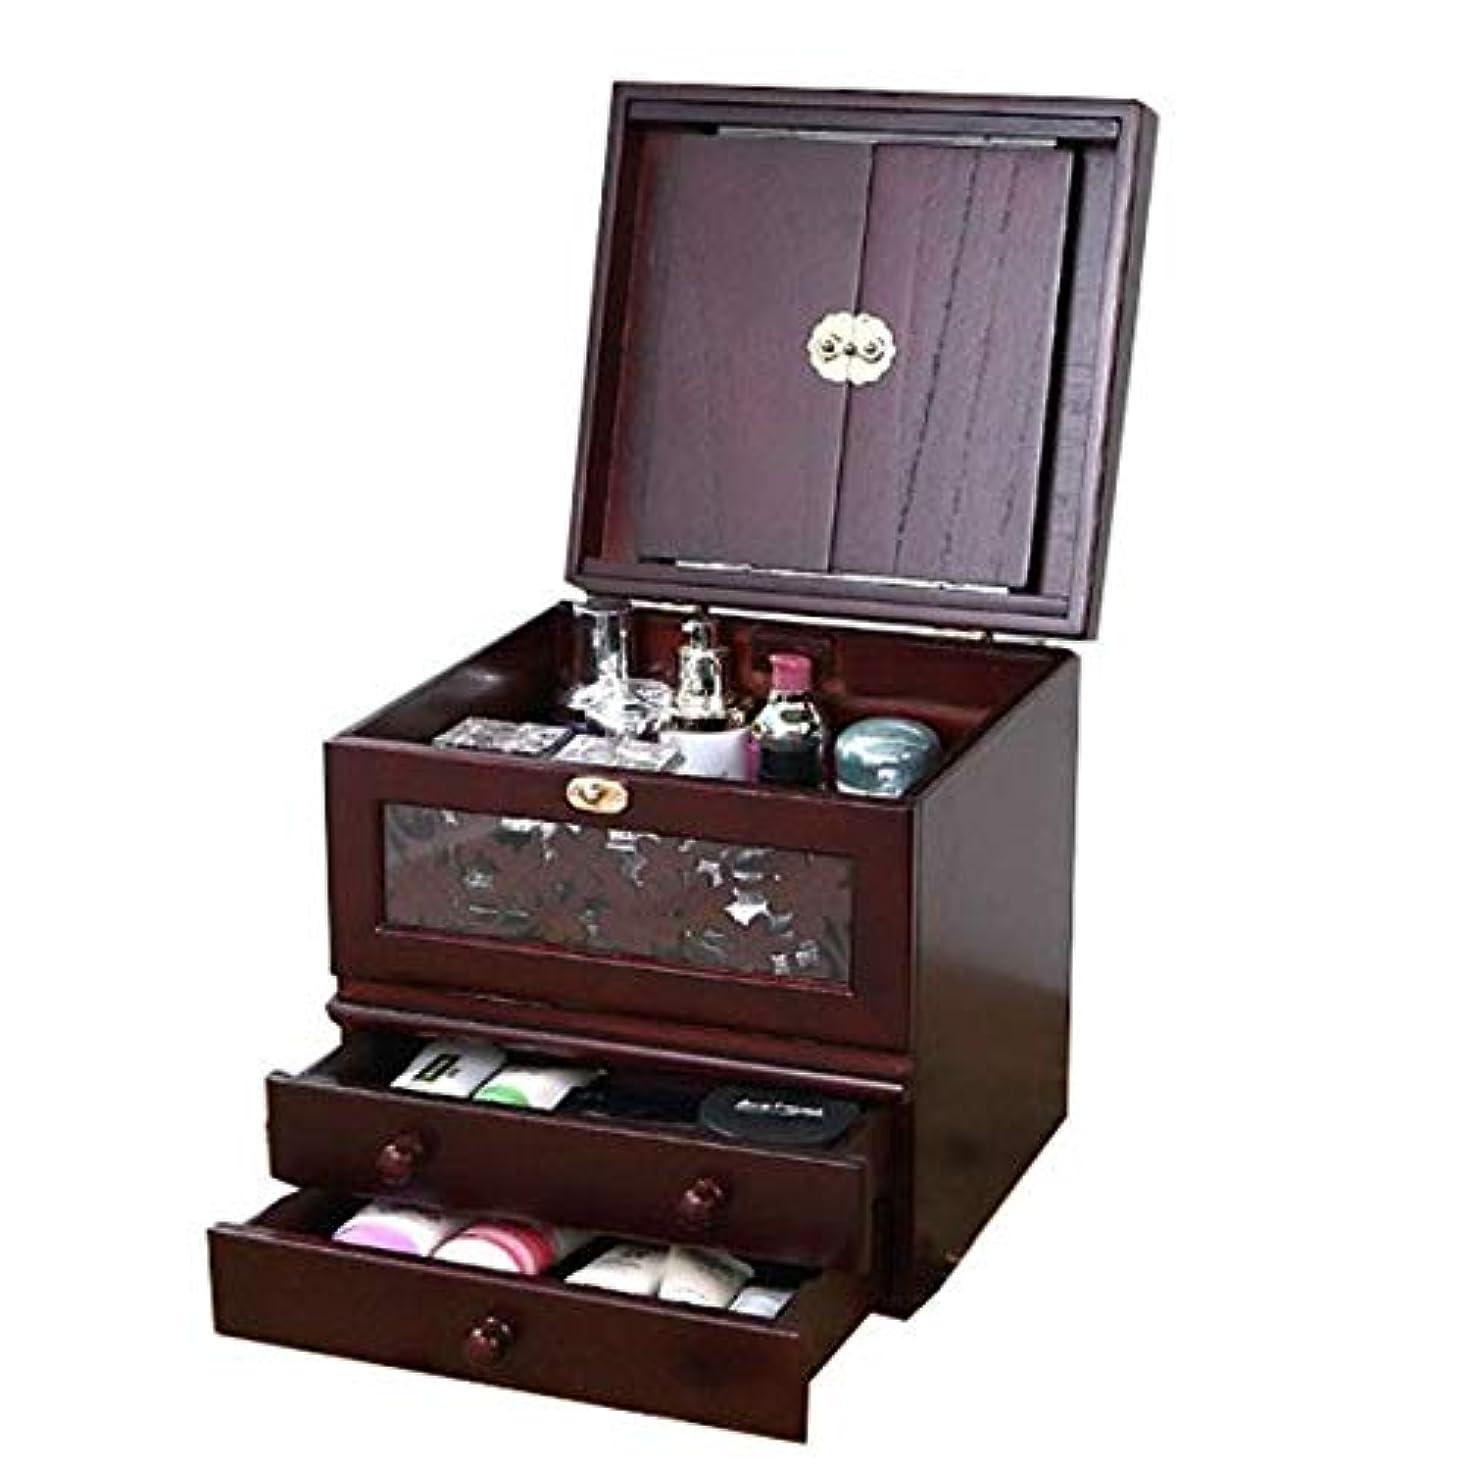 ボトルネック克服する組立化粧箱、ミラー付きヴィンテージ木製化粧品ケースの3層、ハイエンドの結婚祝い、新築祝いのギフト、美容ネイルジュエリー収納ボックス